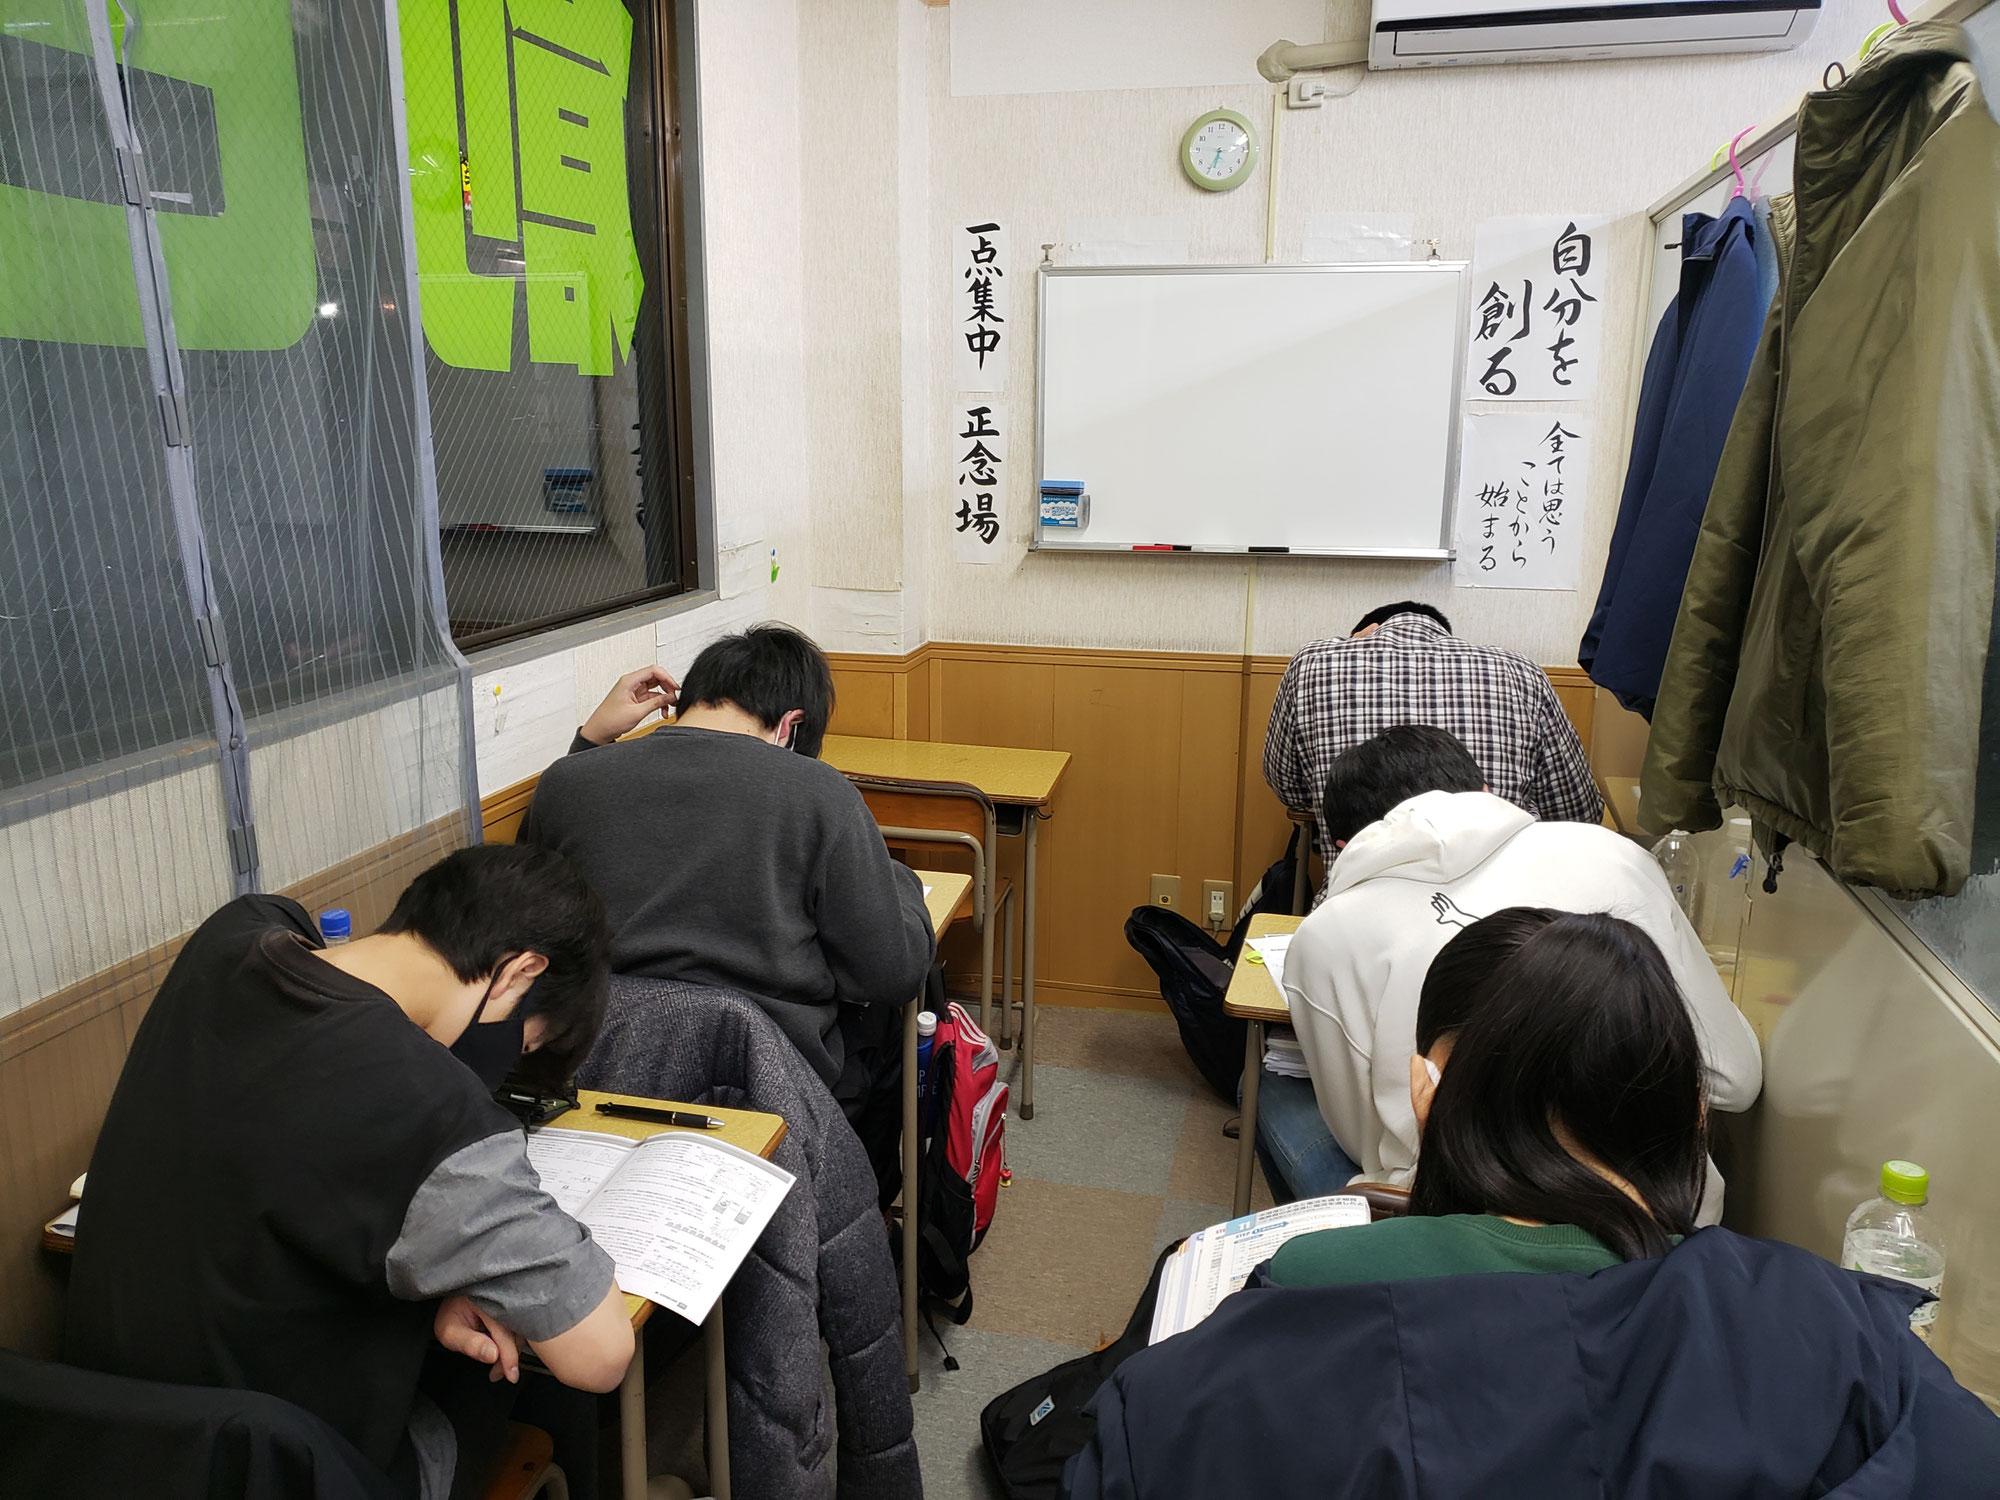 2/21明日の都立高校入試、みんないつも通りやってこられると良いね(^_^)